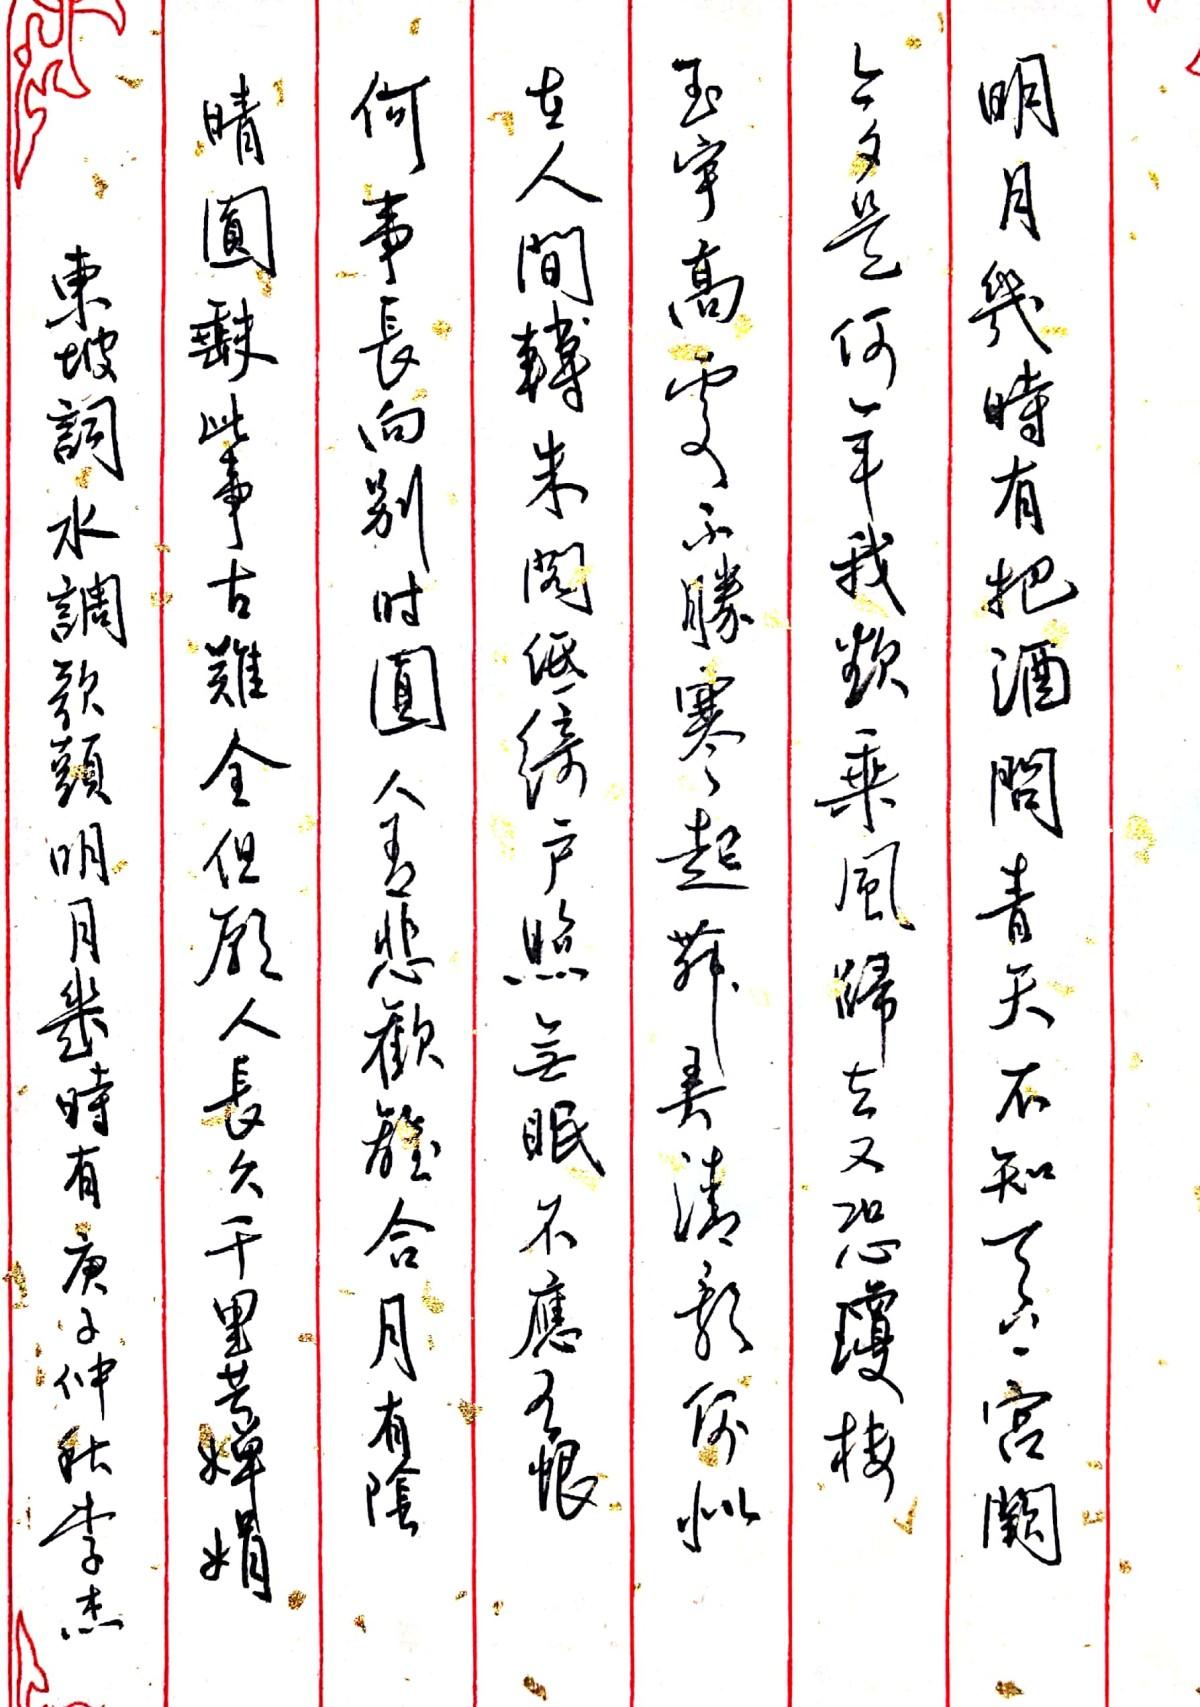 钢笔字练字打卡20201013-13